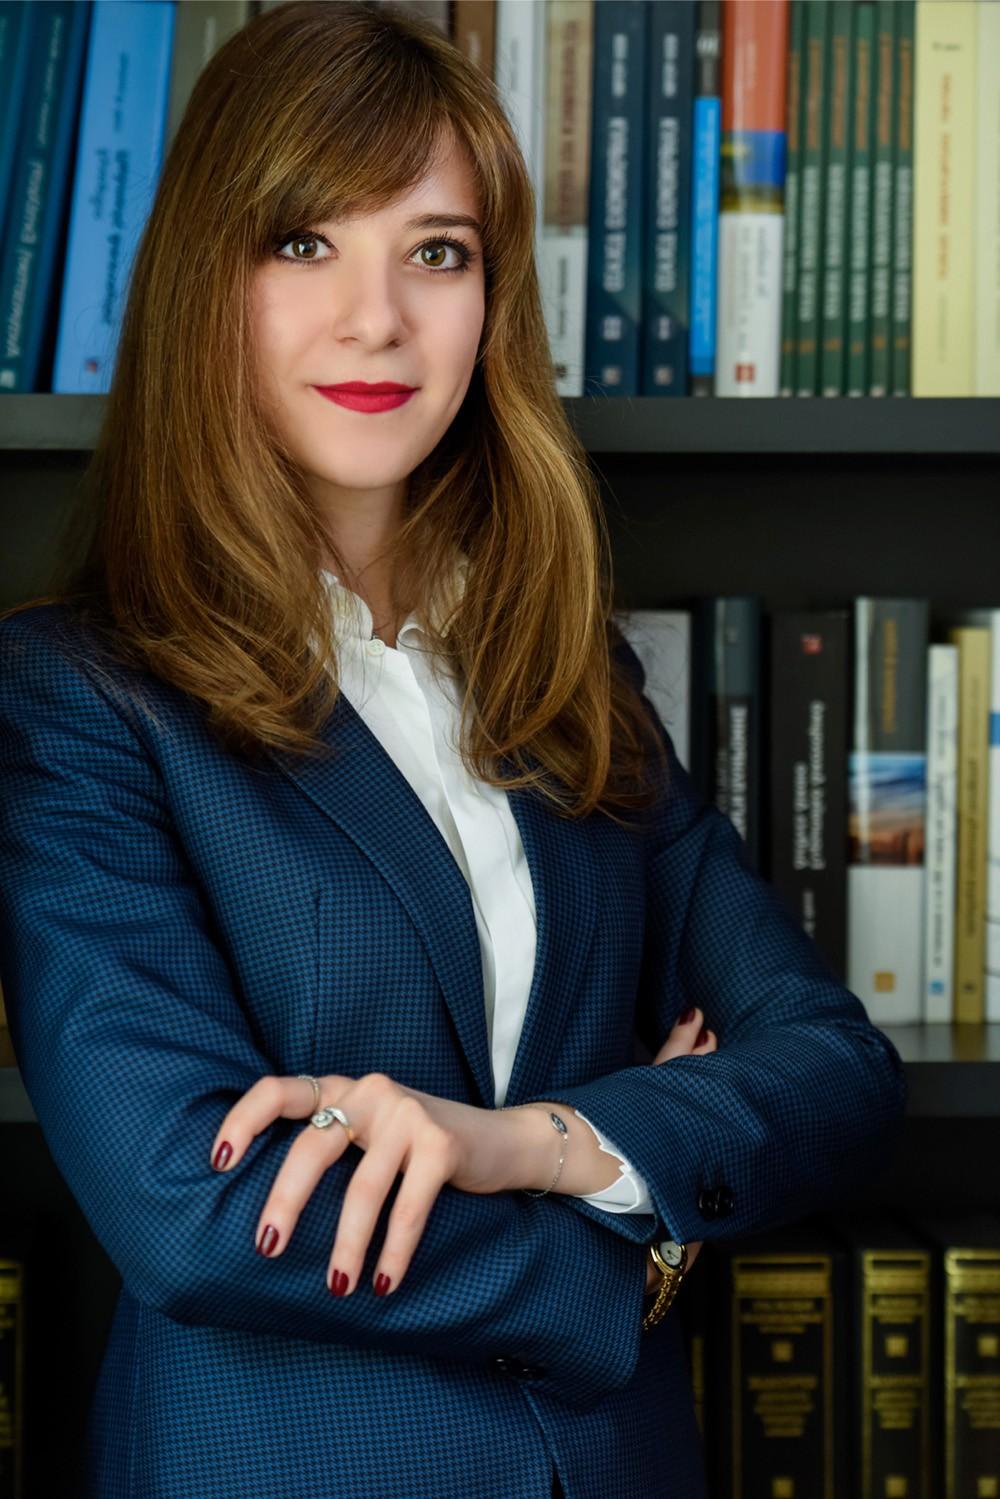 Μαρία Ε. Ιακωβίδου